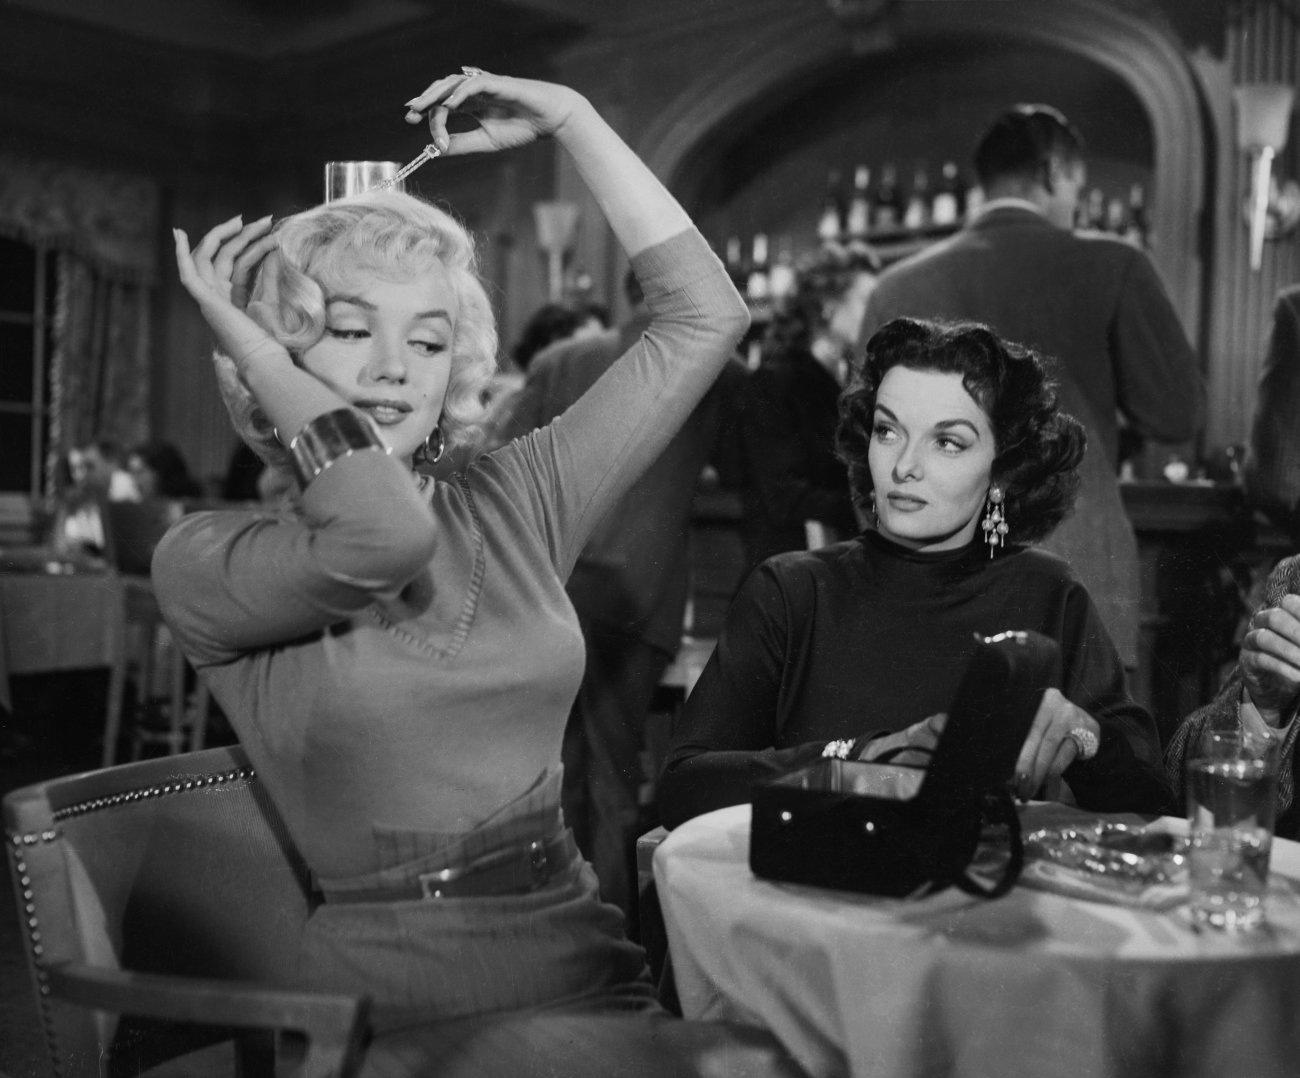 Marilyn-Monroe-and-Jane-Russell-Gentlemen-Prefer-Blondes-marilyn-monroe-30622637-1300-1078